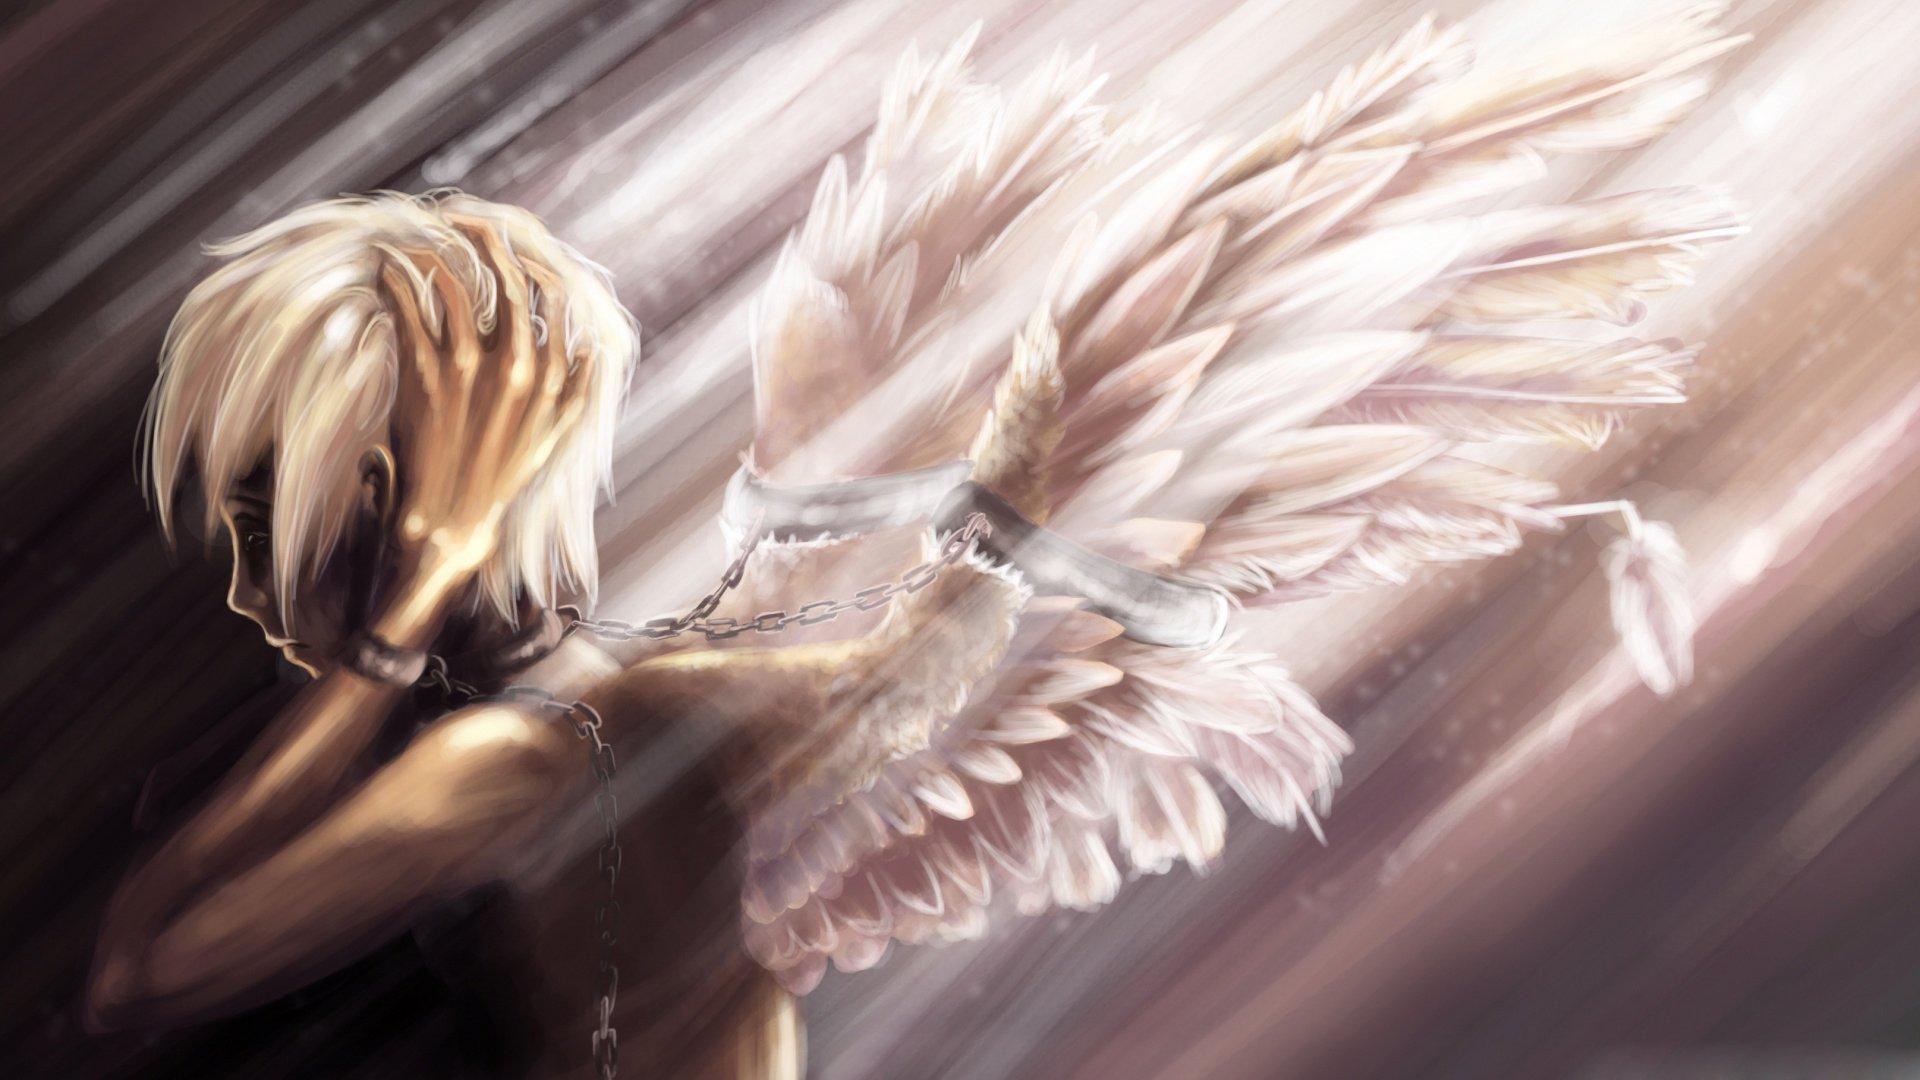 фото ангела в hd